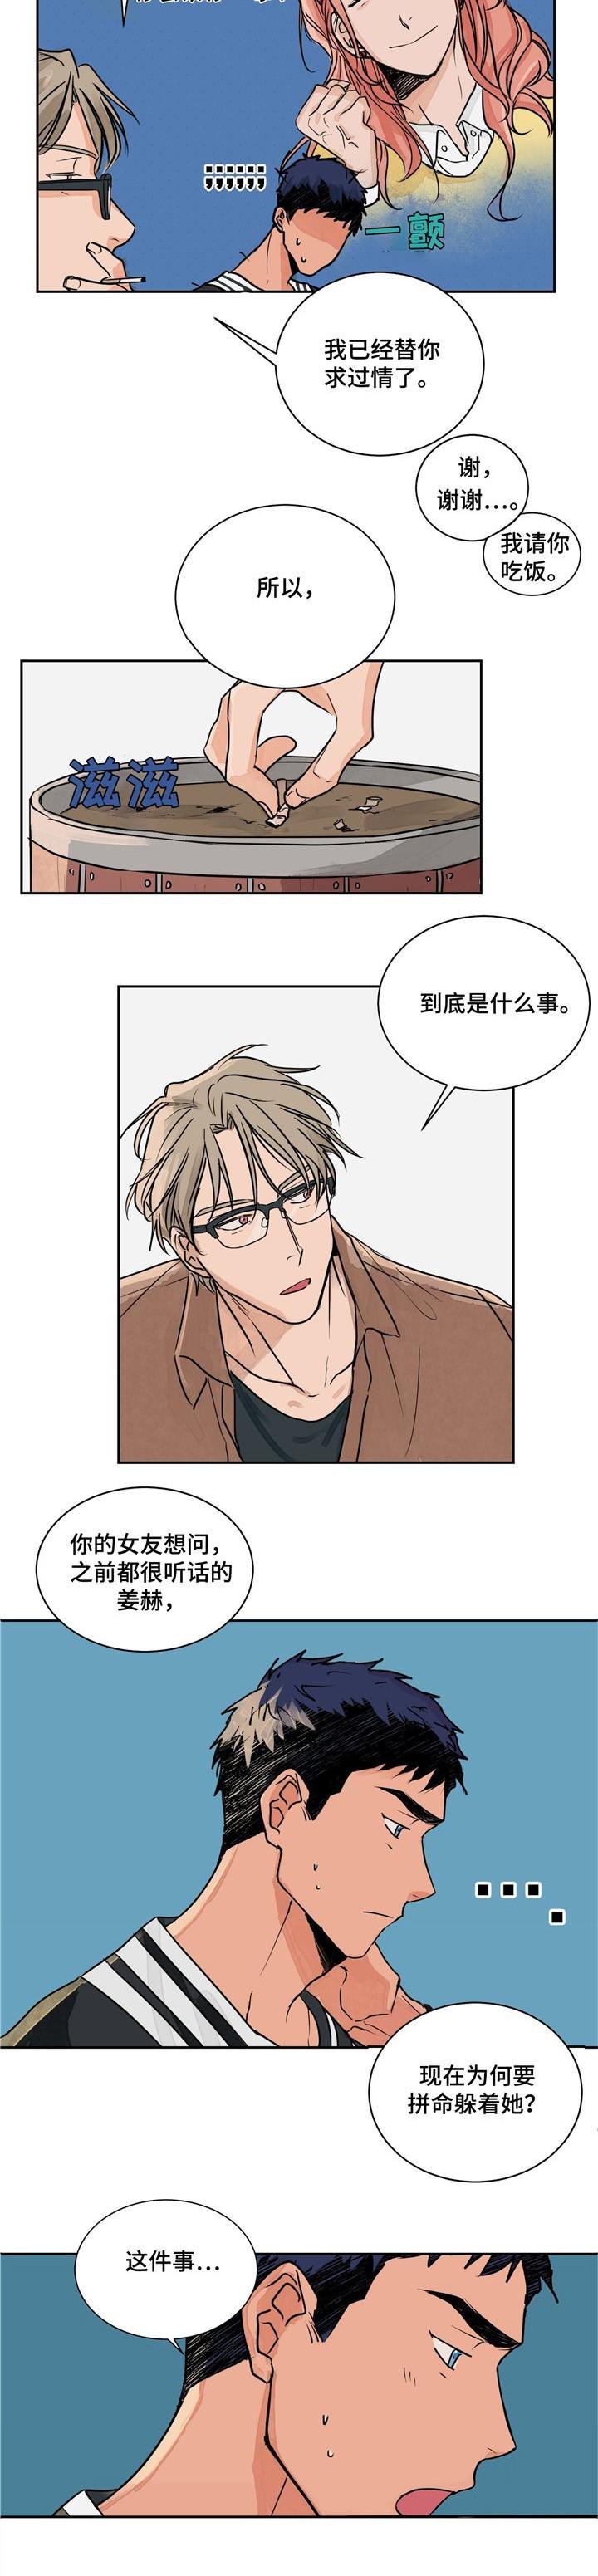 韩国漫画《我的医生》全集无修 在线阅读全文